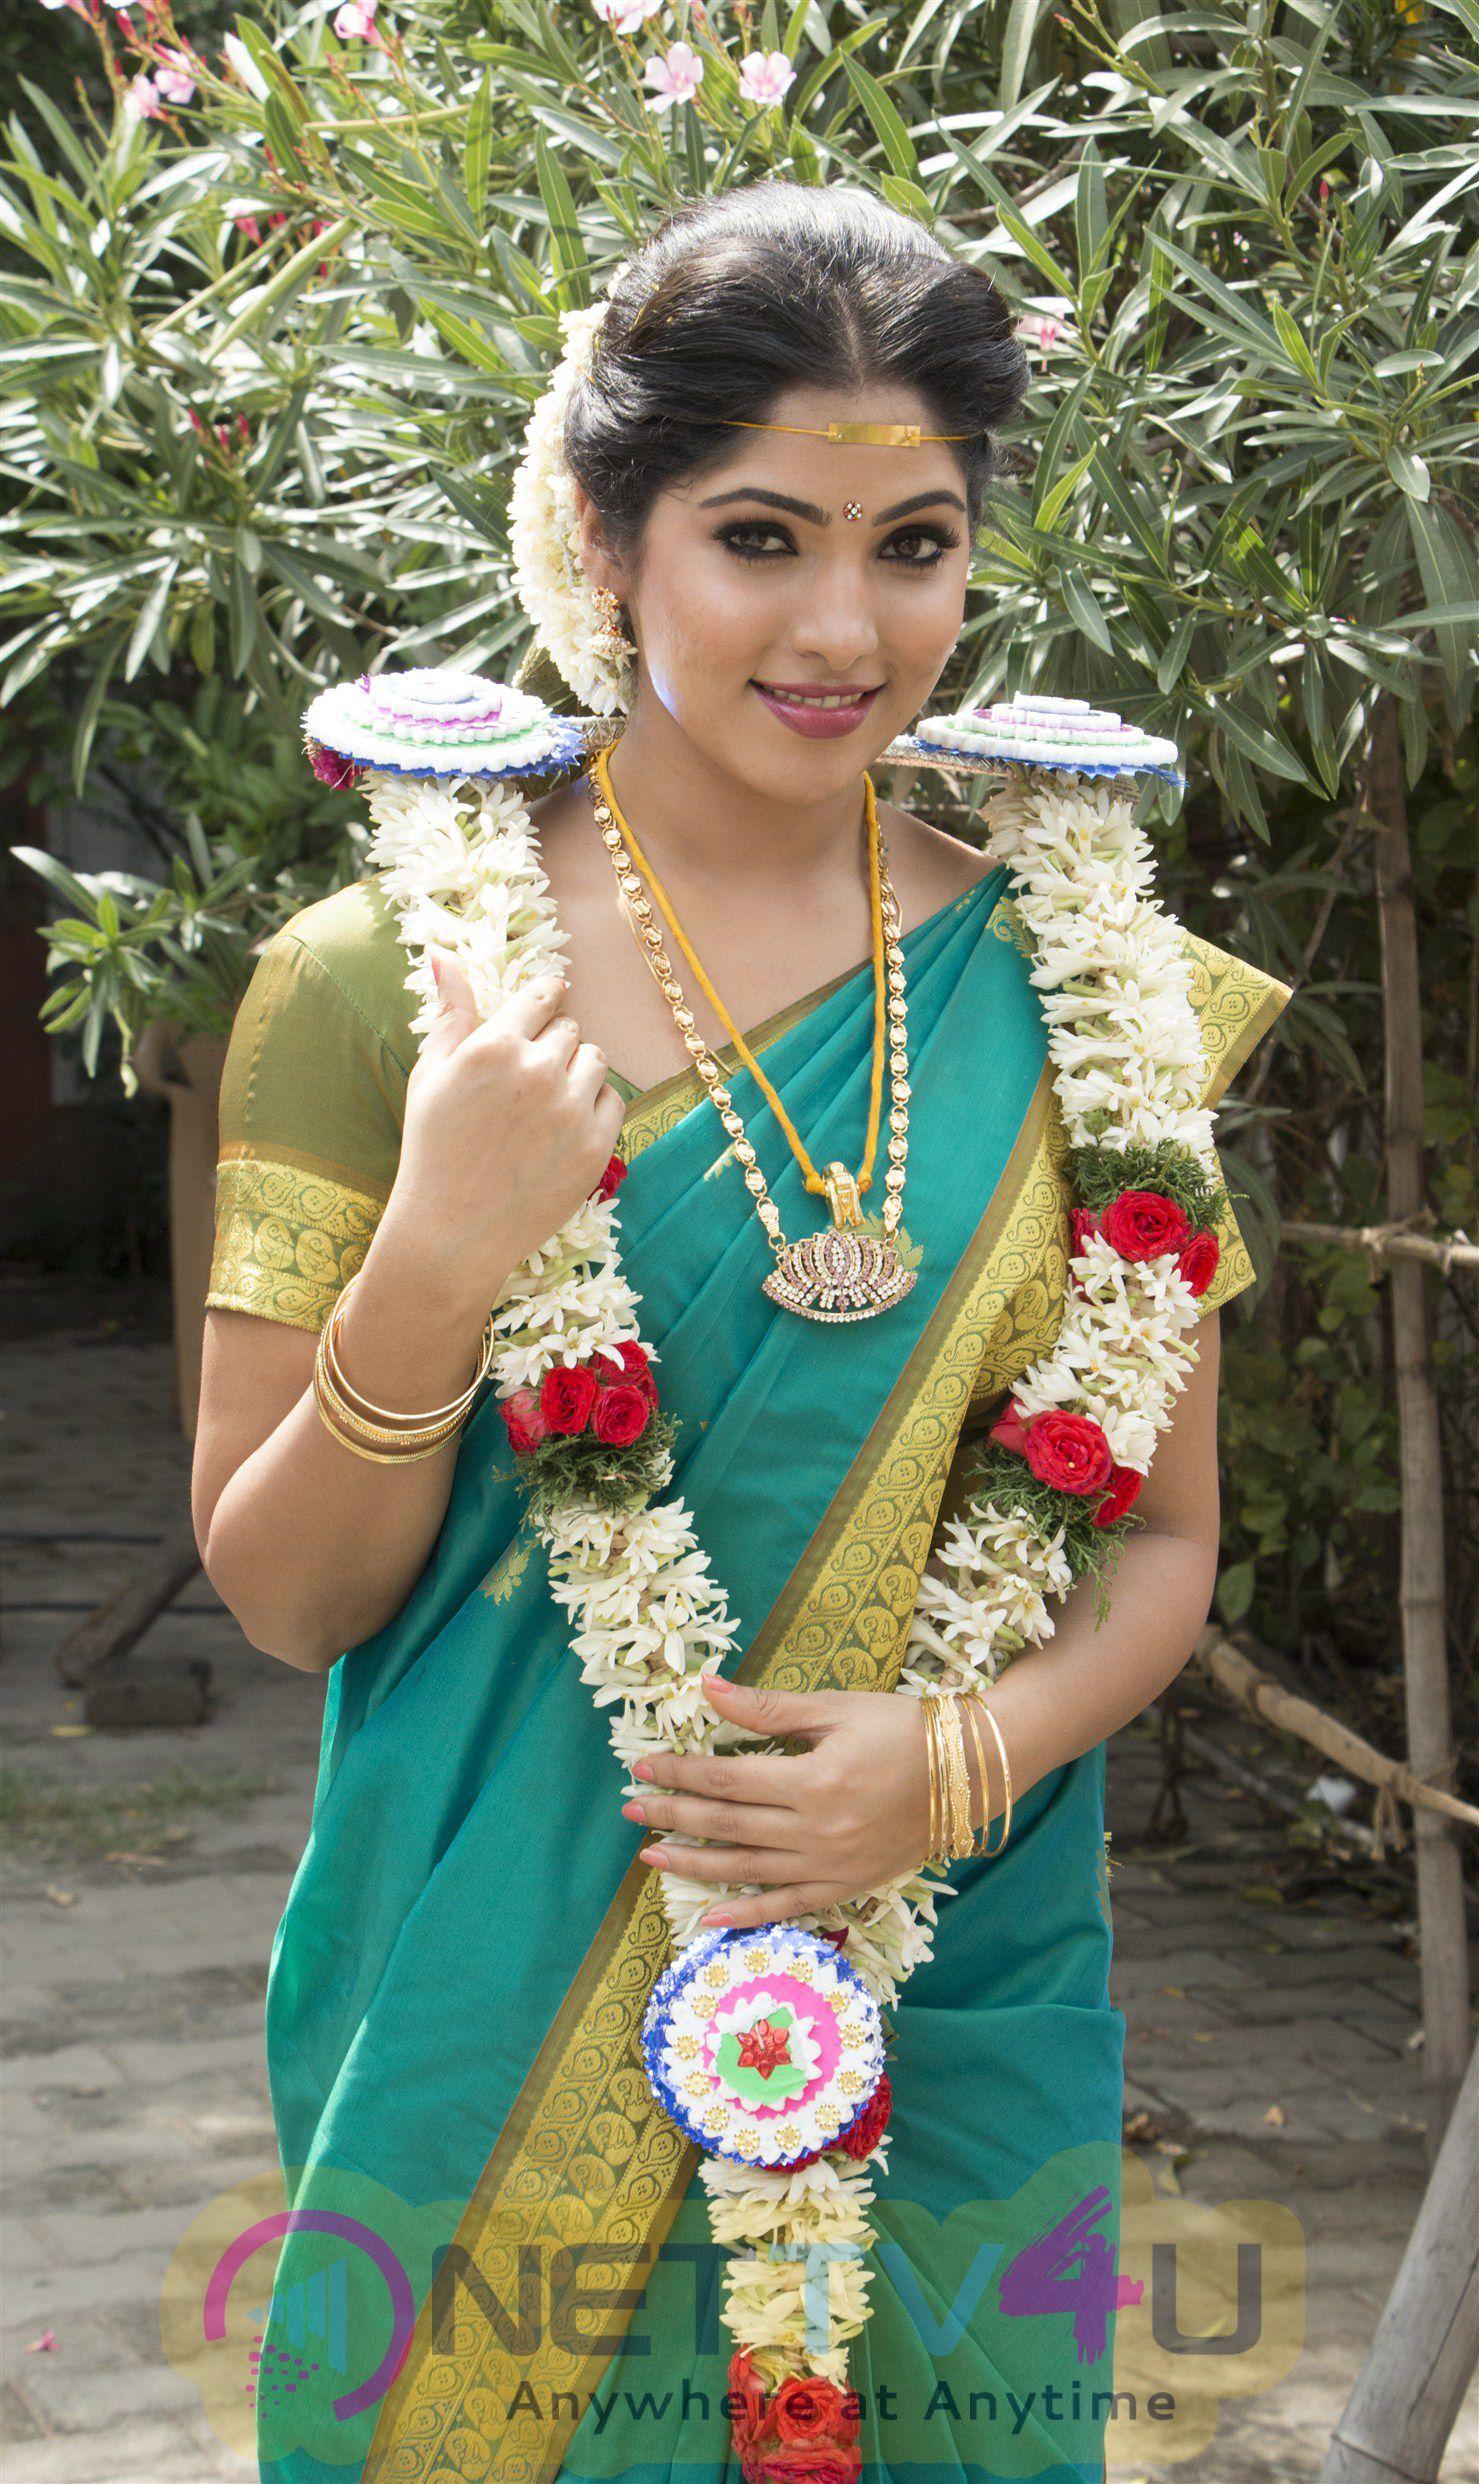 Paambhu Sattai Tamil Movie Good Looking Images